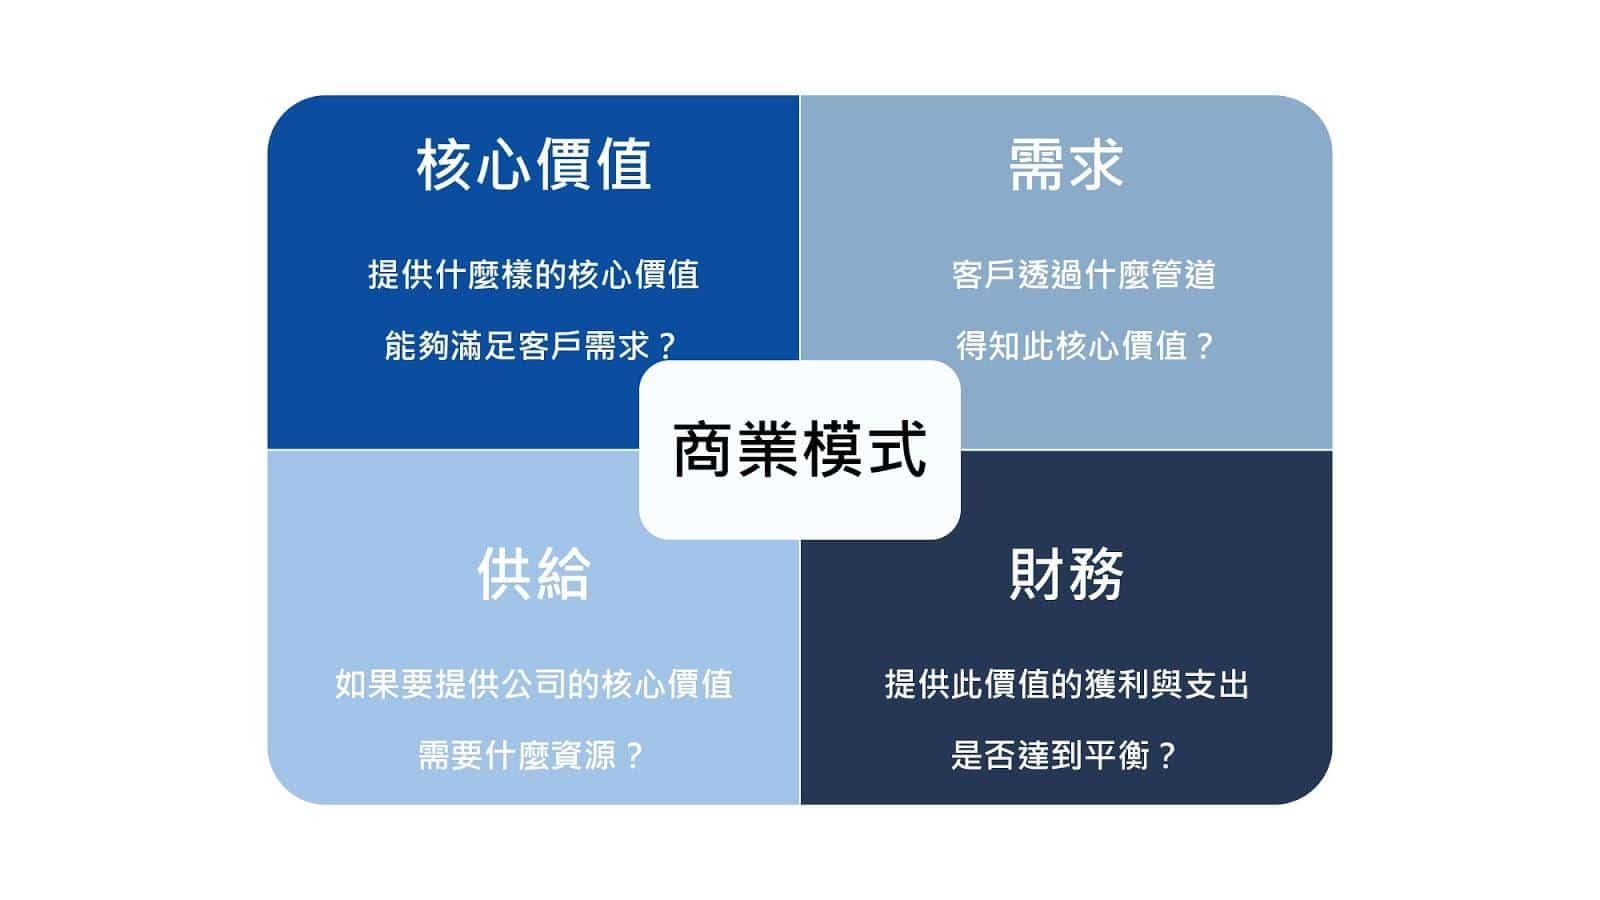 商業模式分析4面向